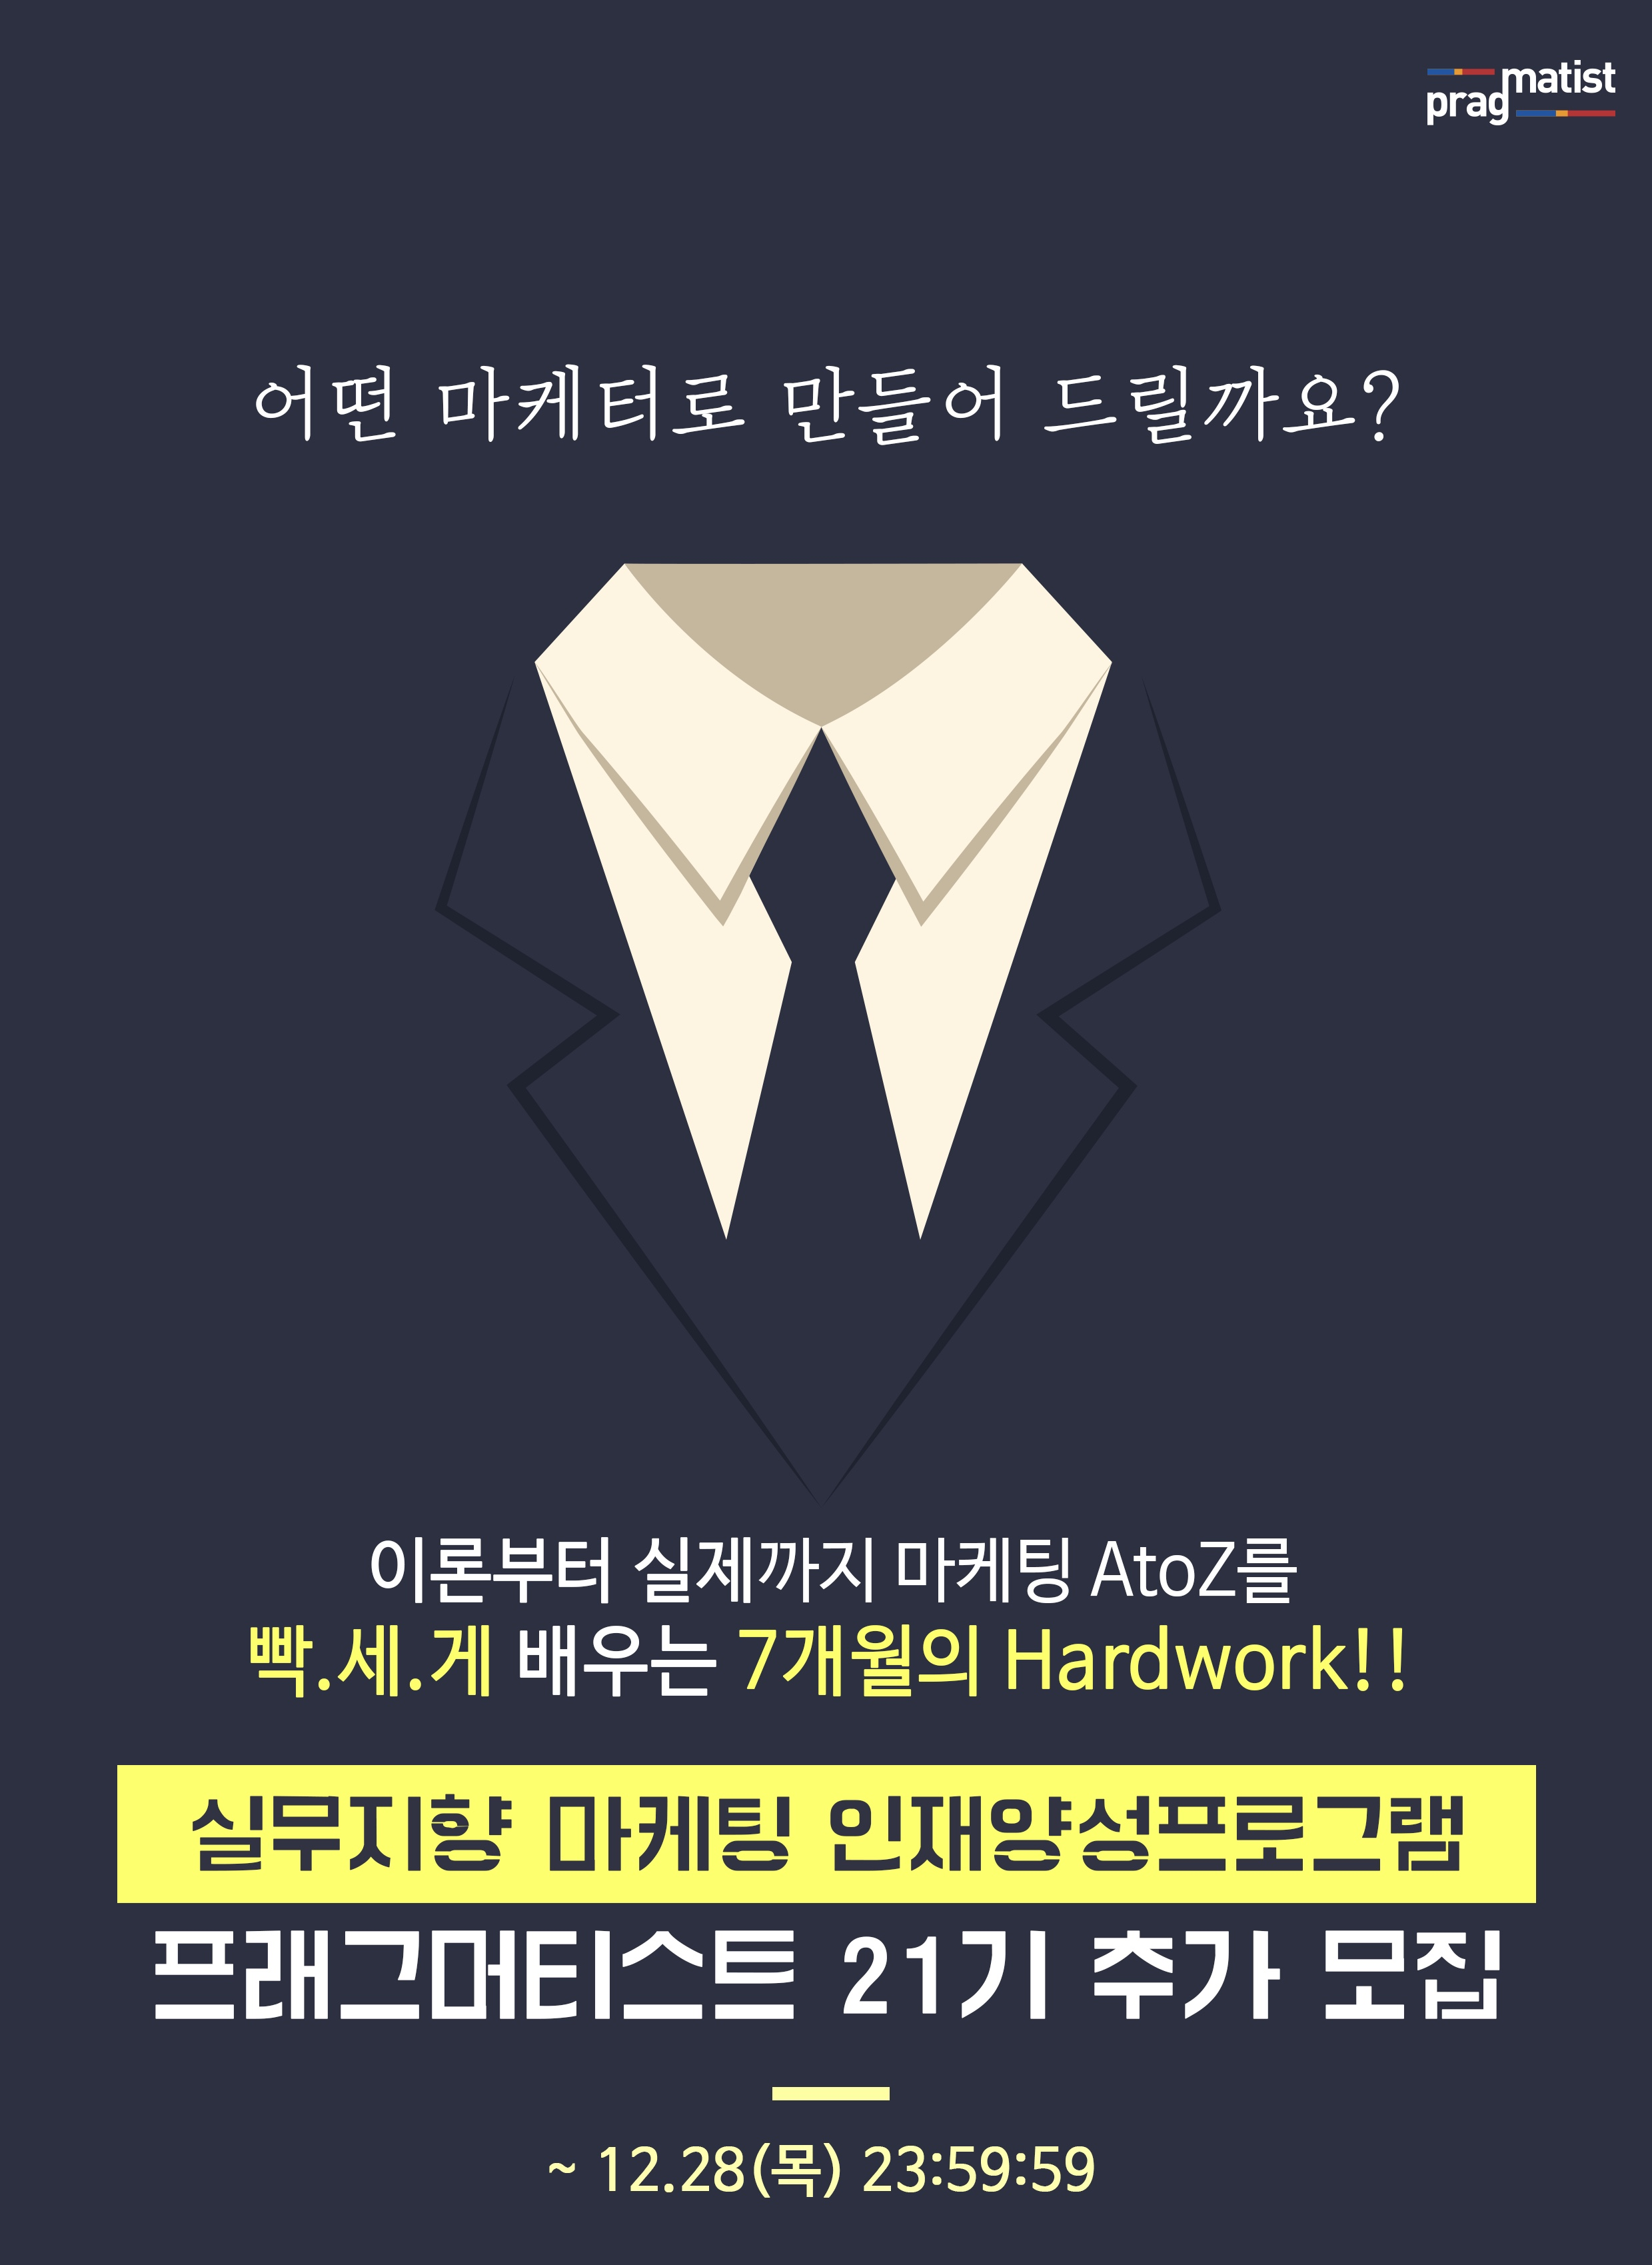 [마케팅인재양성대학] 어떤 마케터로 만들어드릴까요?, 프래그머티스트 21기 모집 (~12/28)